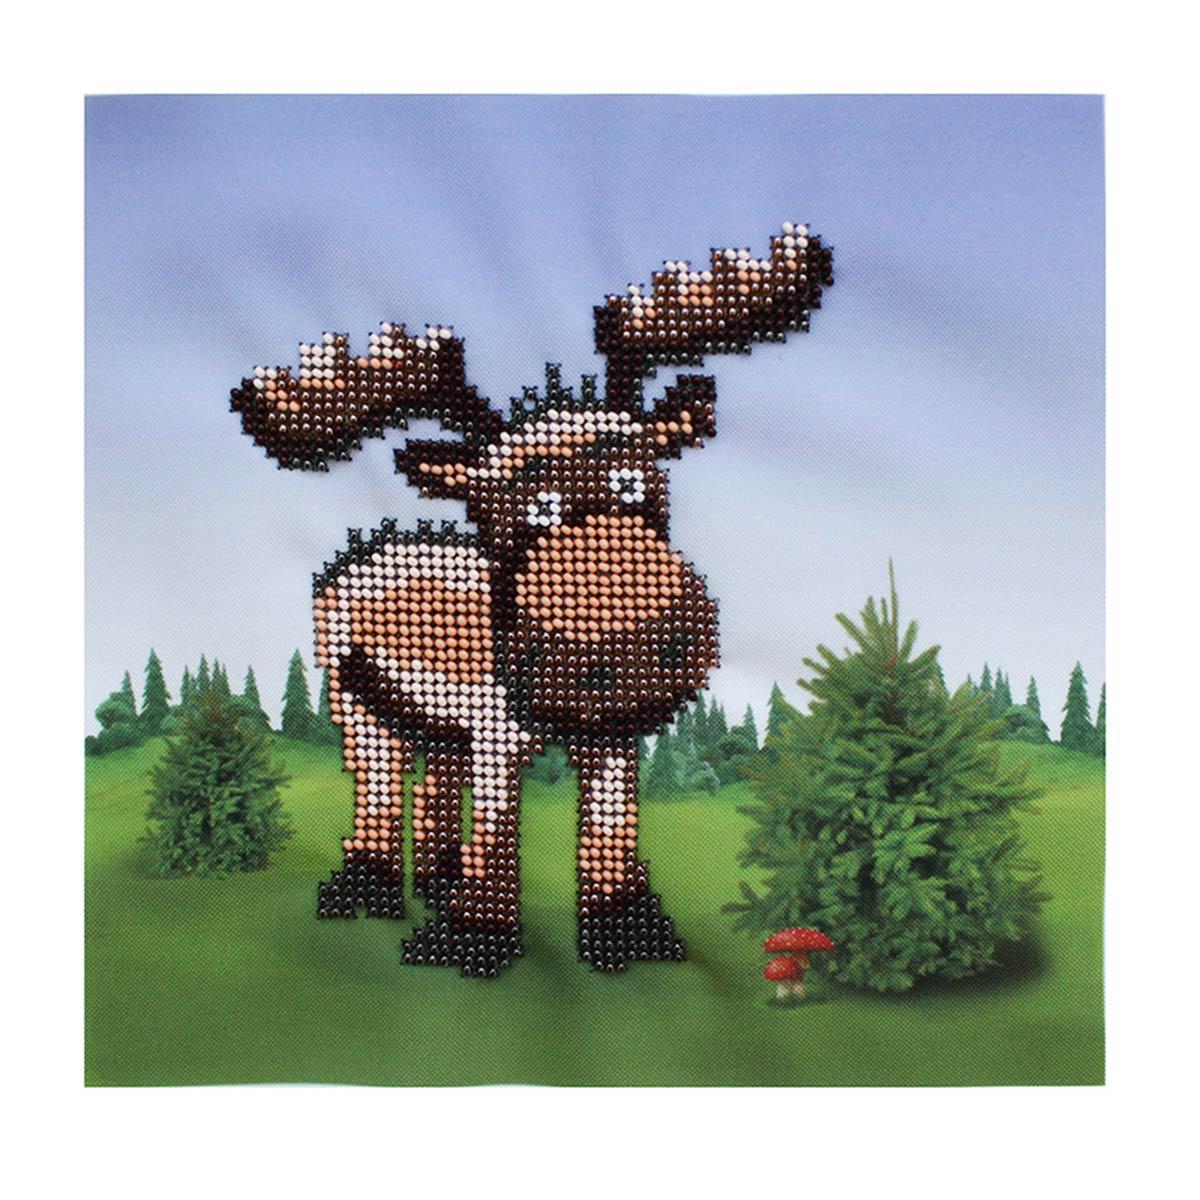 Б-0086 Набор для вышивания бисером 'Бисеринка' 'Лесной гость', 20*20 см